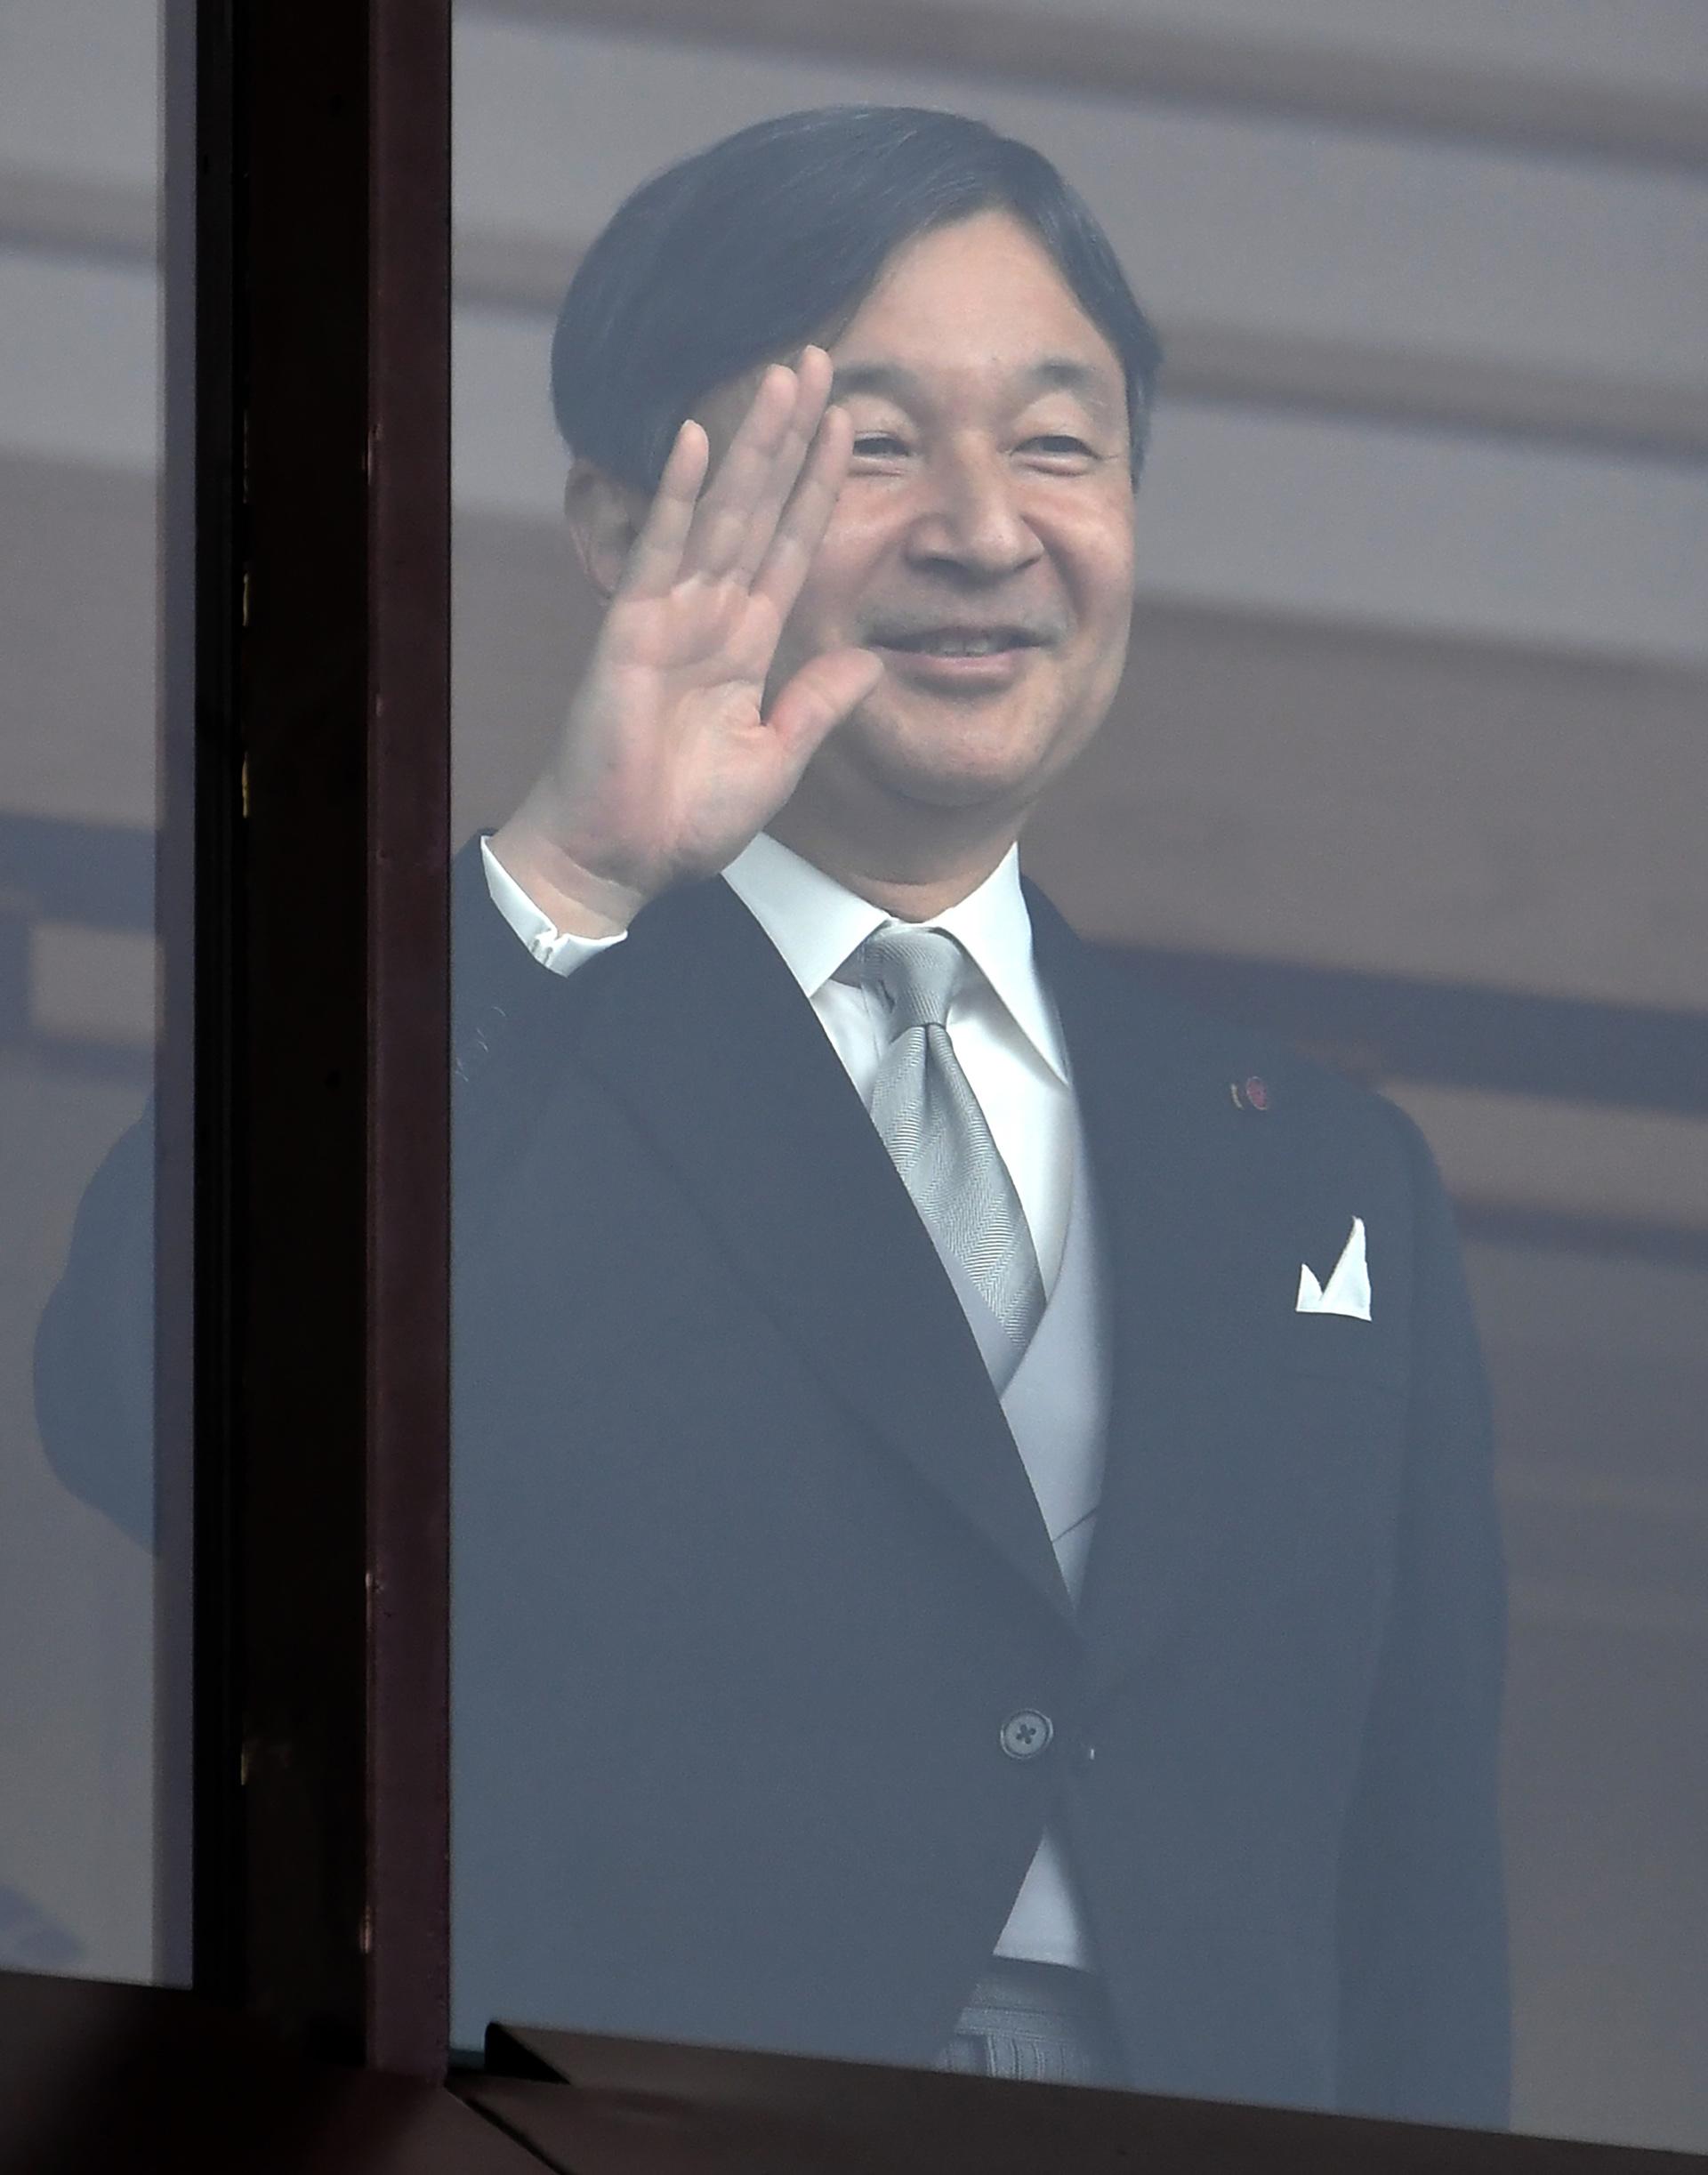 el-festejo-del-cumpleanios-del-emperador-de-japon-10.jpg